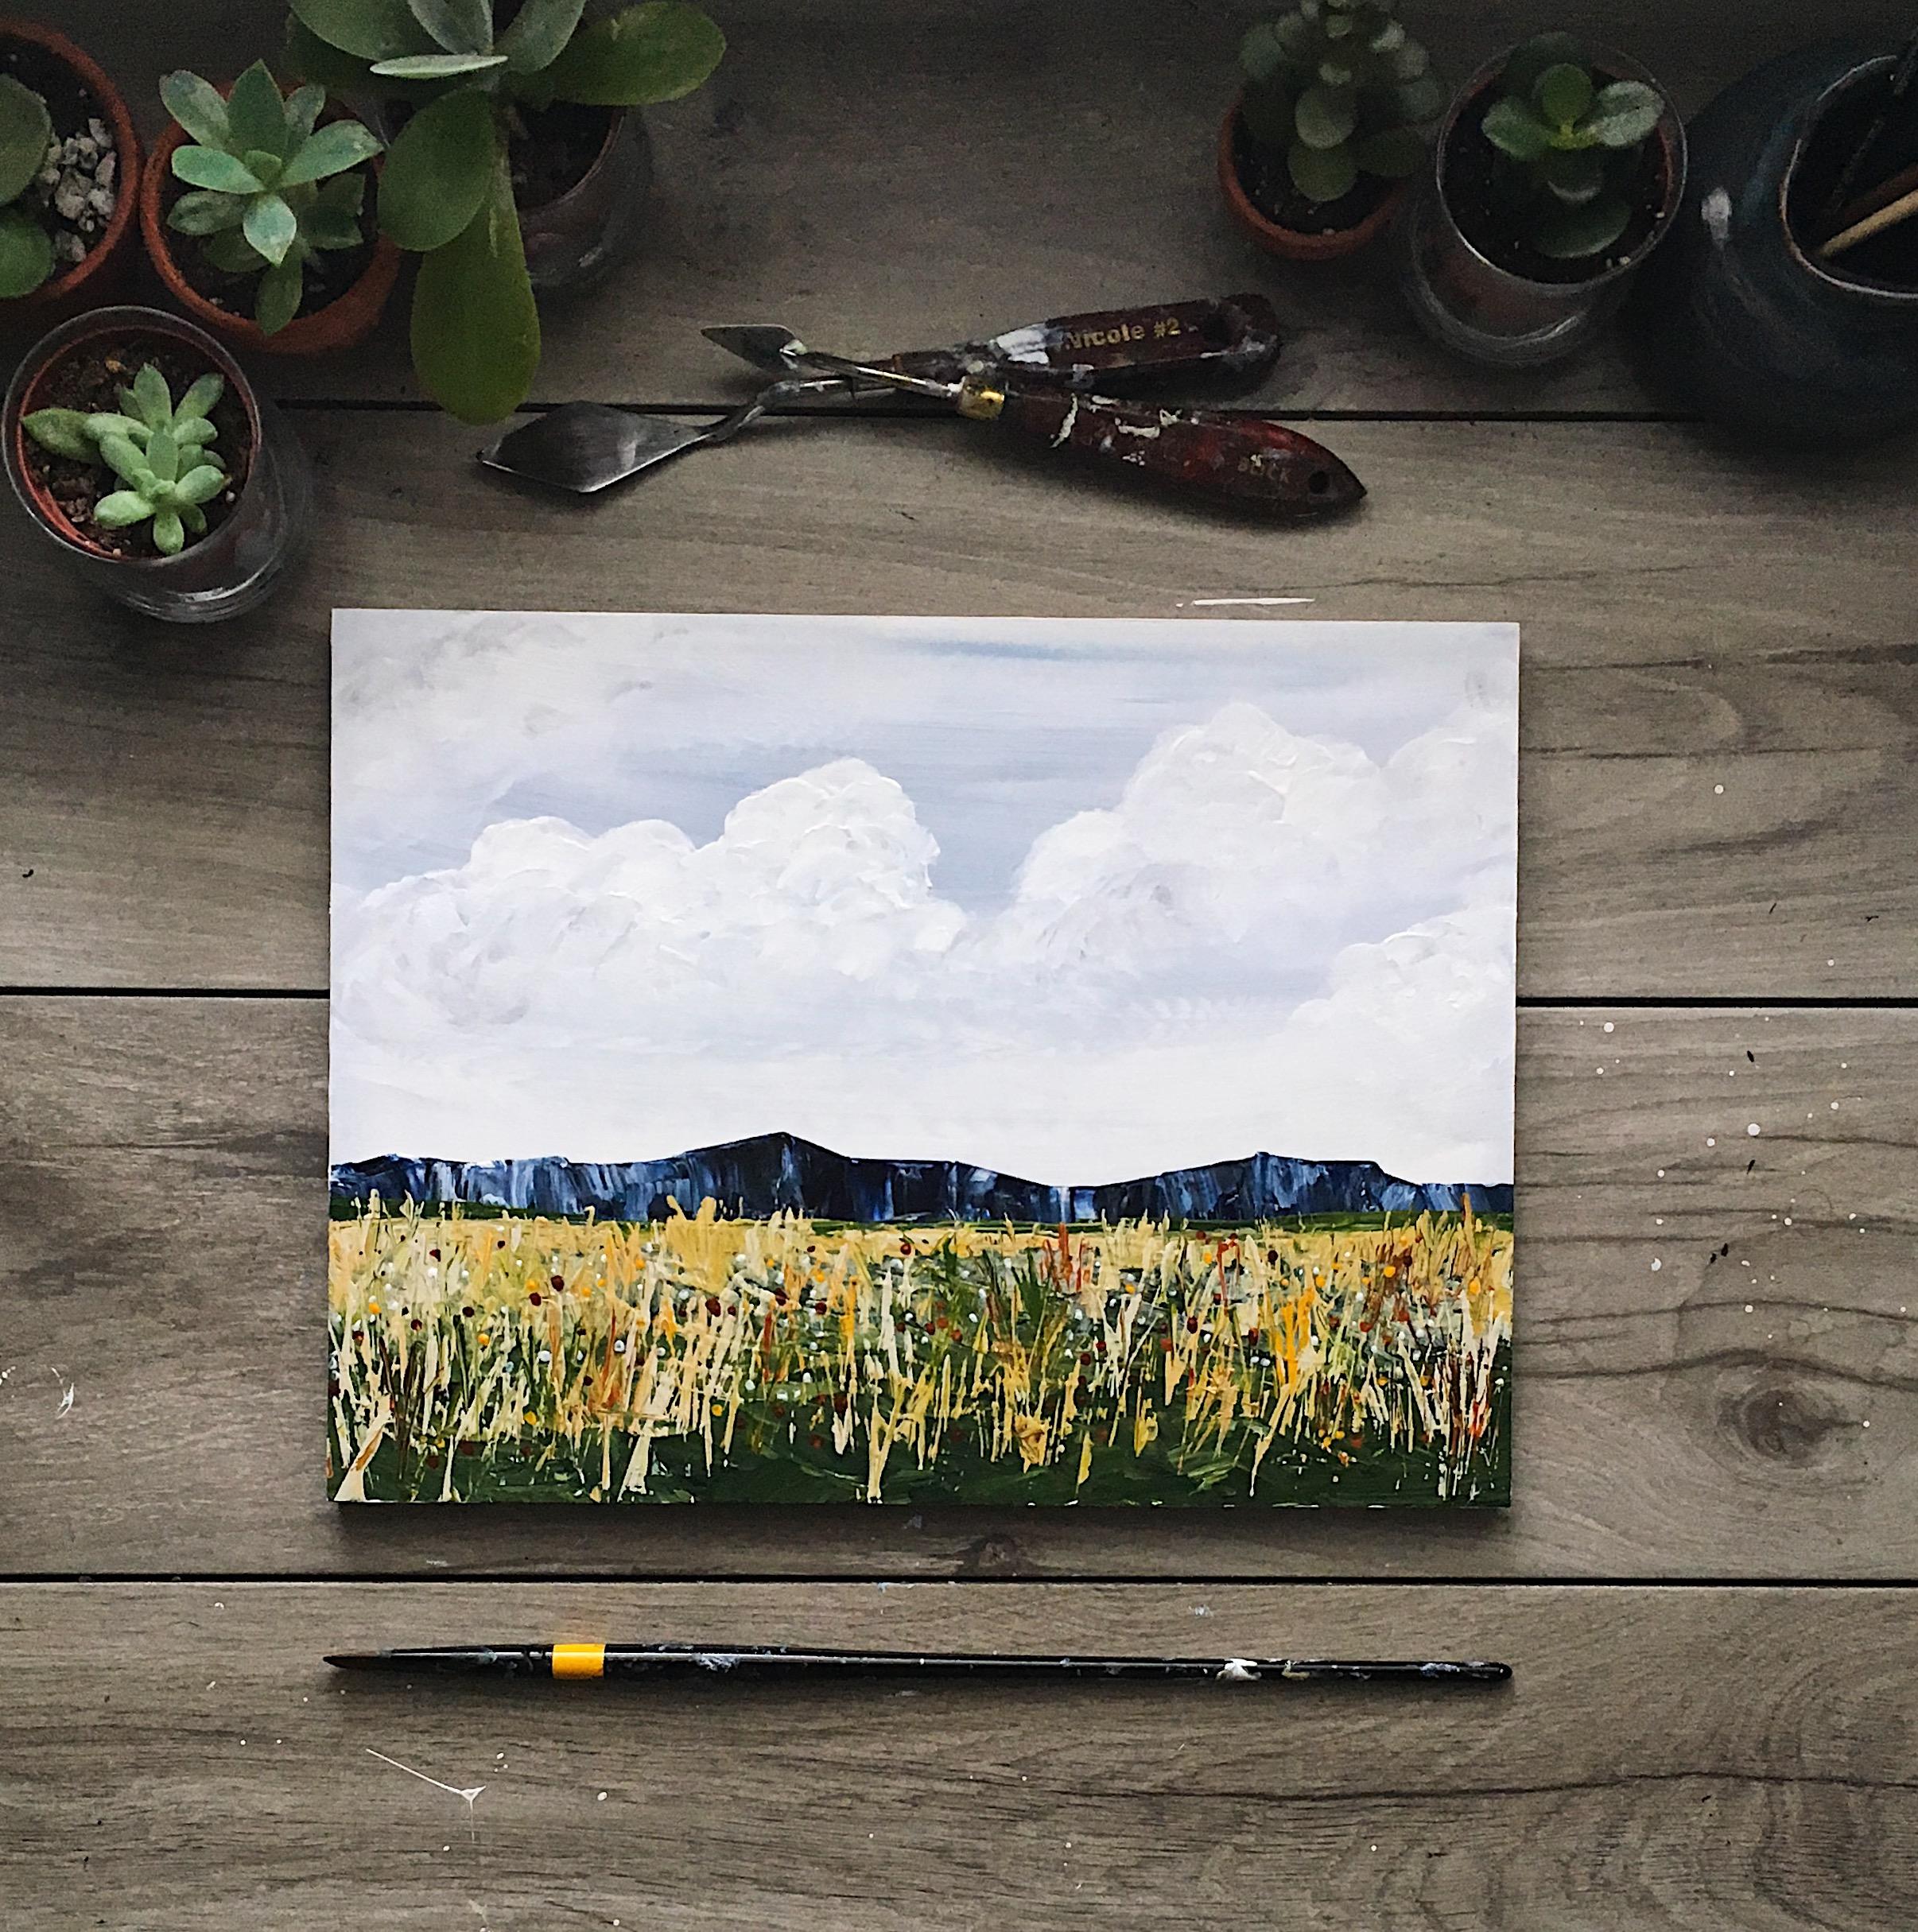 The Wildflowers Below, Summer 2017